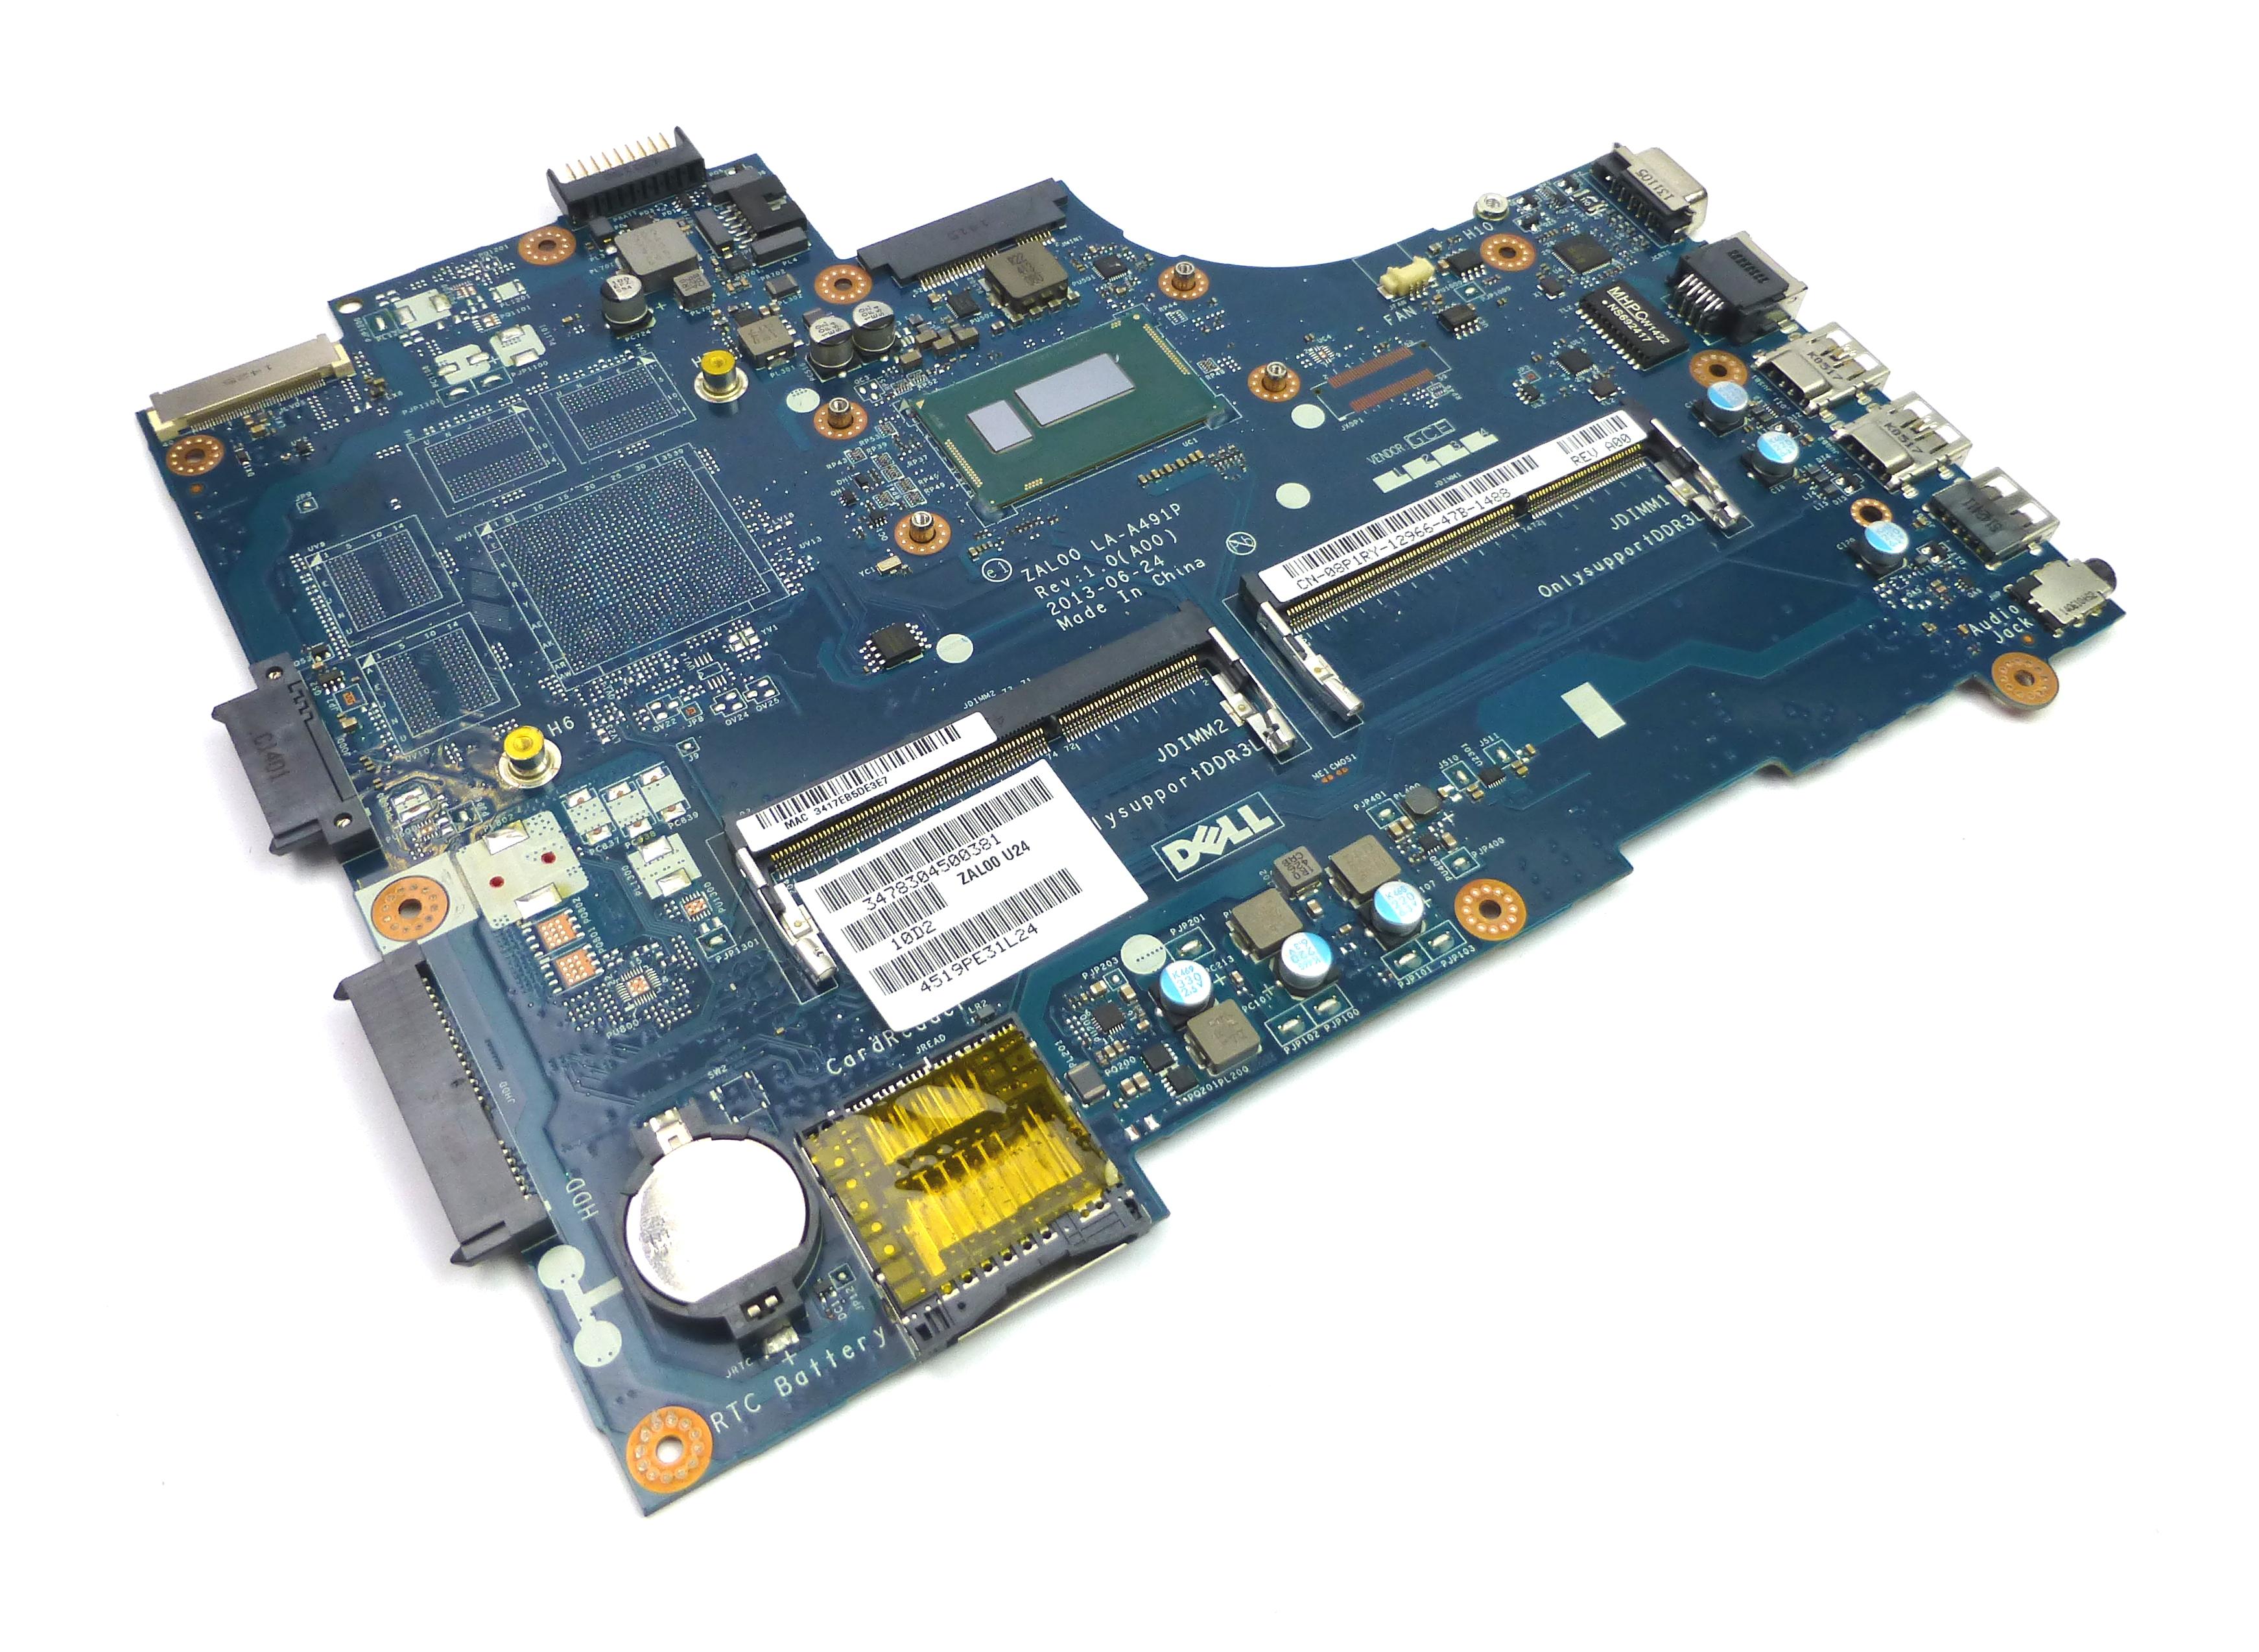 Dell 8P1RY Latitude 3540 Motherboard w/ Intel Core i3-4030U BGA Processor